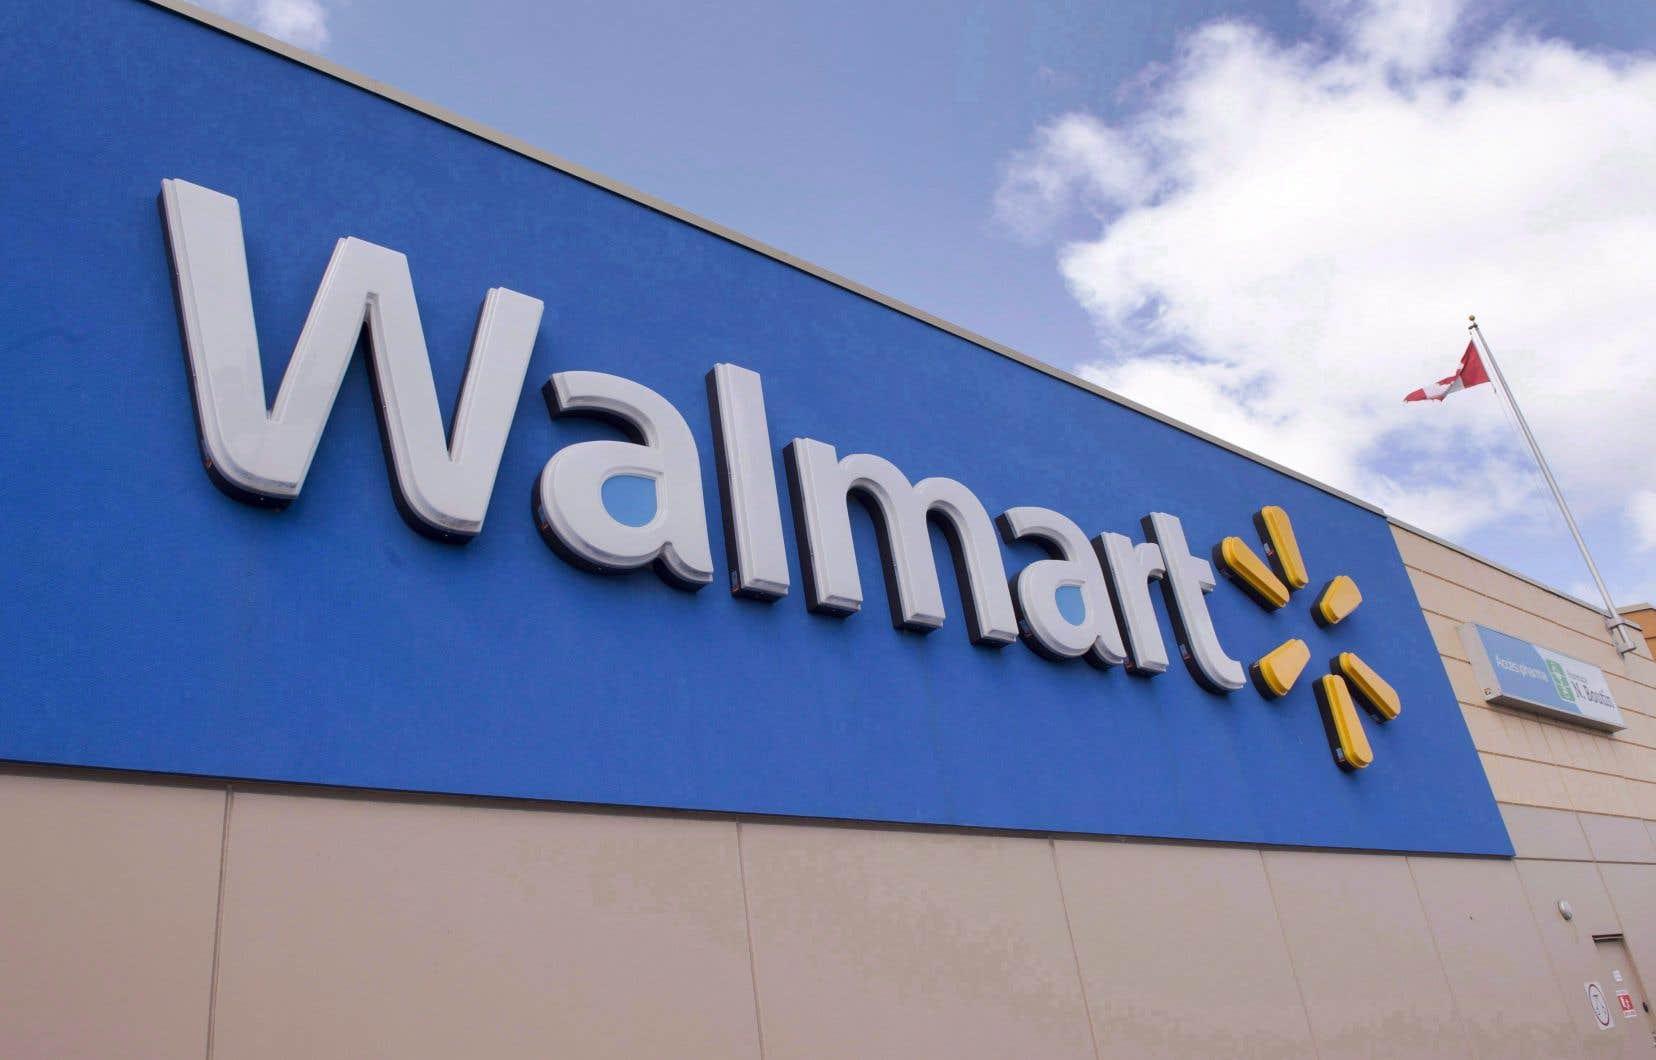 Walmart aannoncé vendredi le congédiement de ses employés vivant avec un handicap mental.